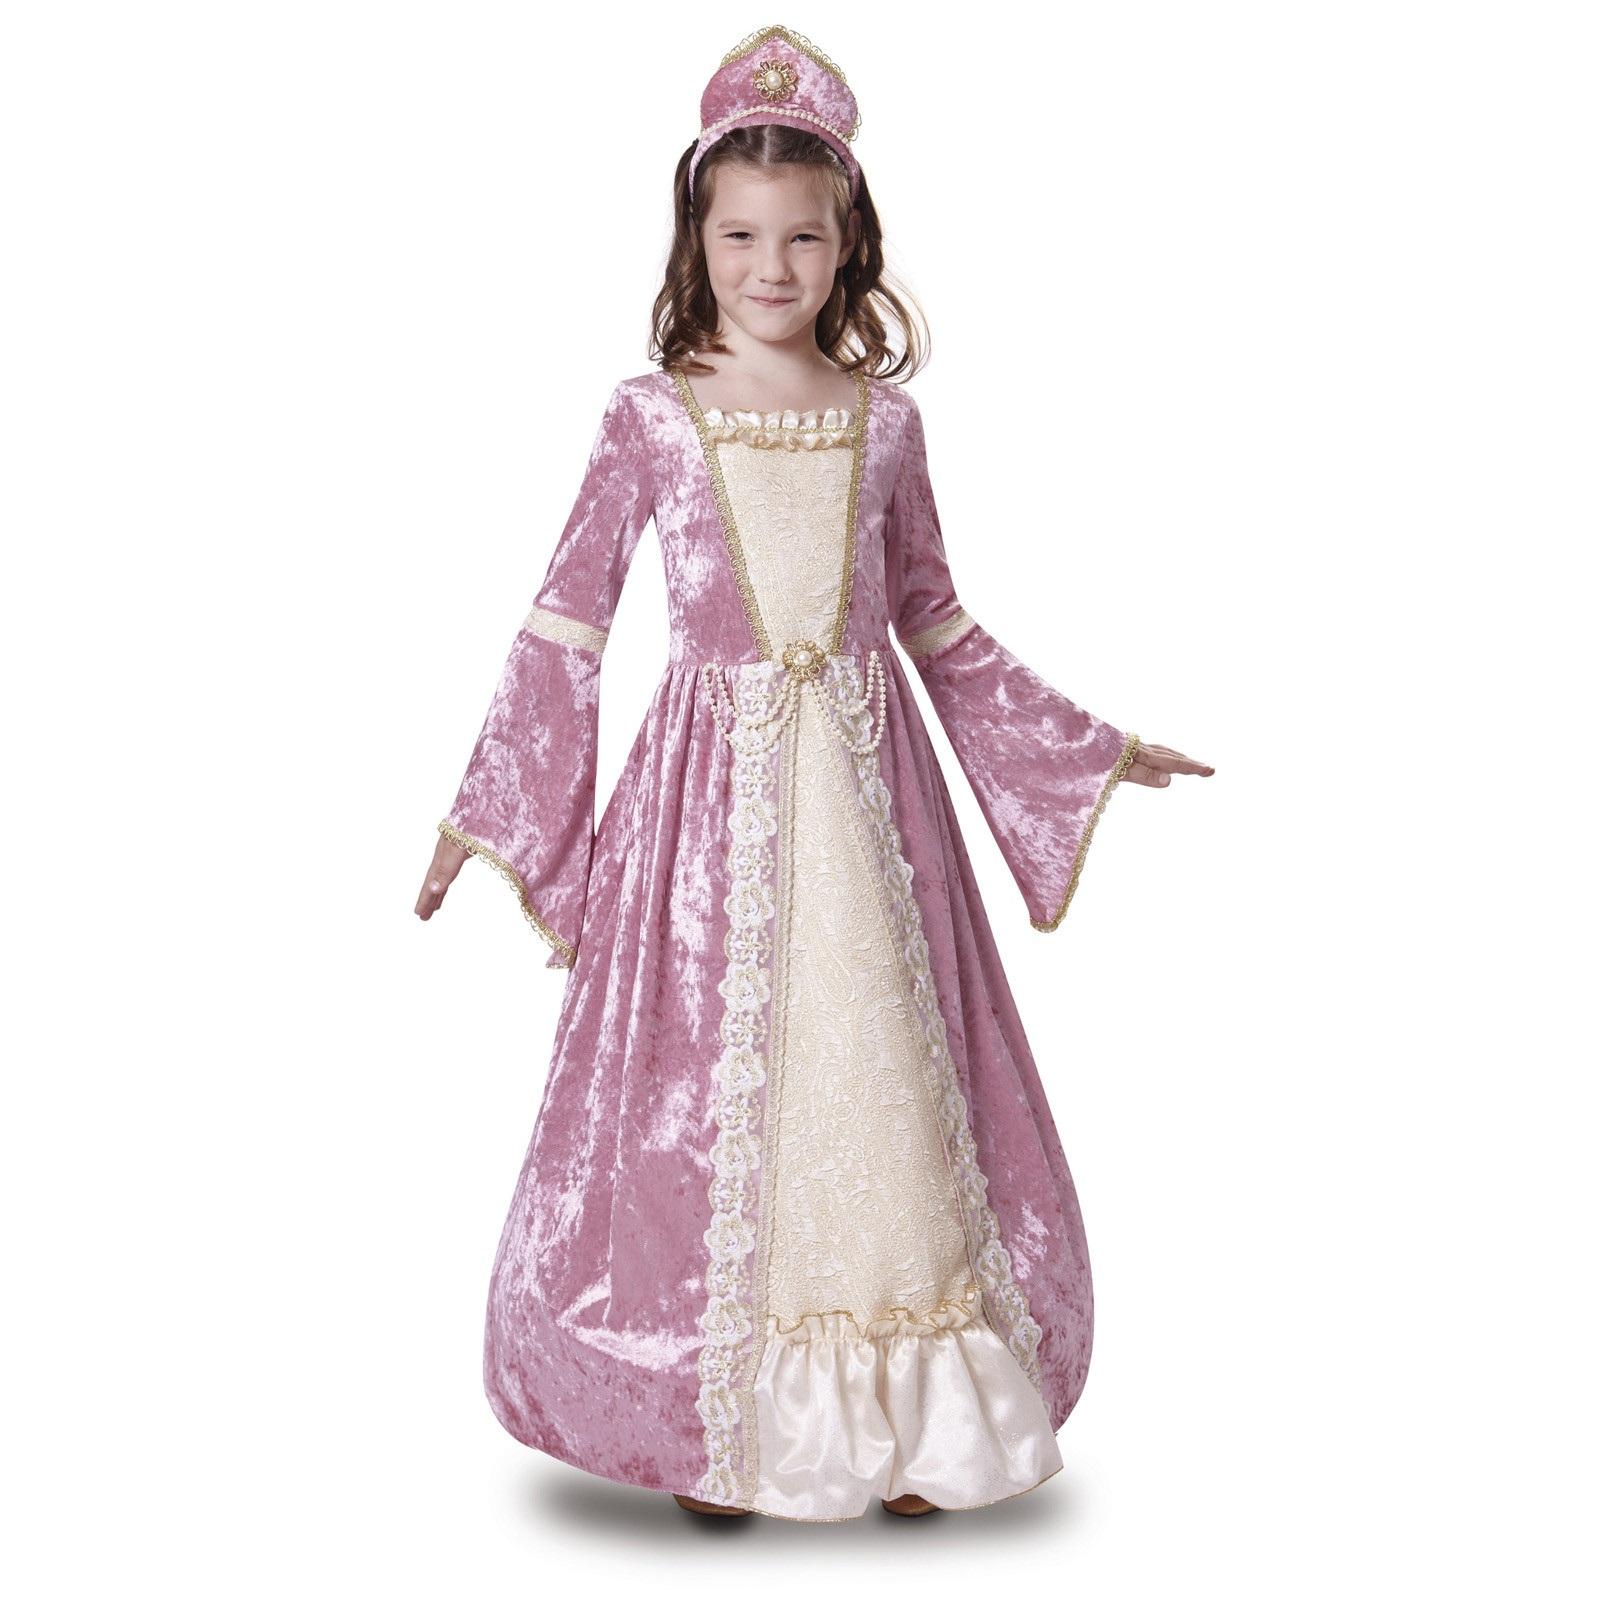 disfraz princesa romántica rosa 200679mom - DISFRAZ DE PRINCESA ROMANTICA ROSA NIÑA